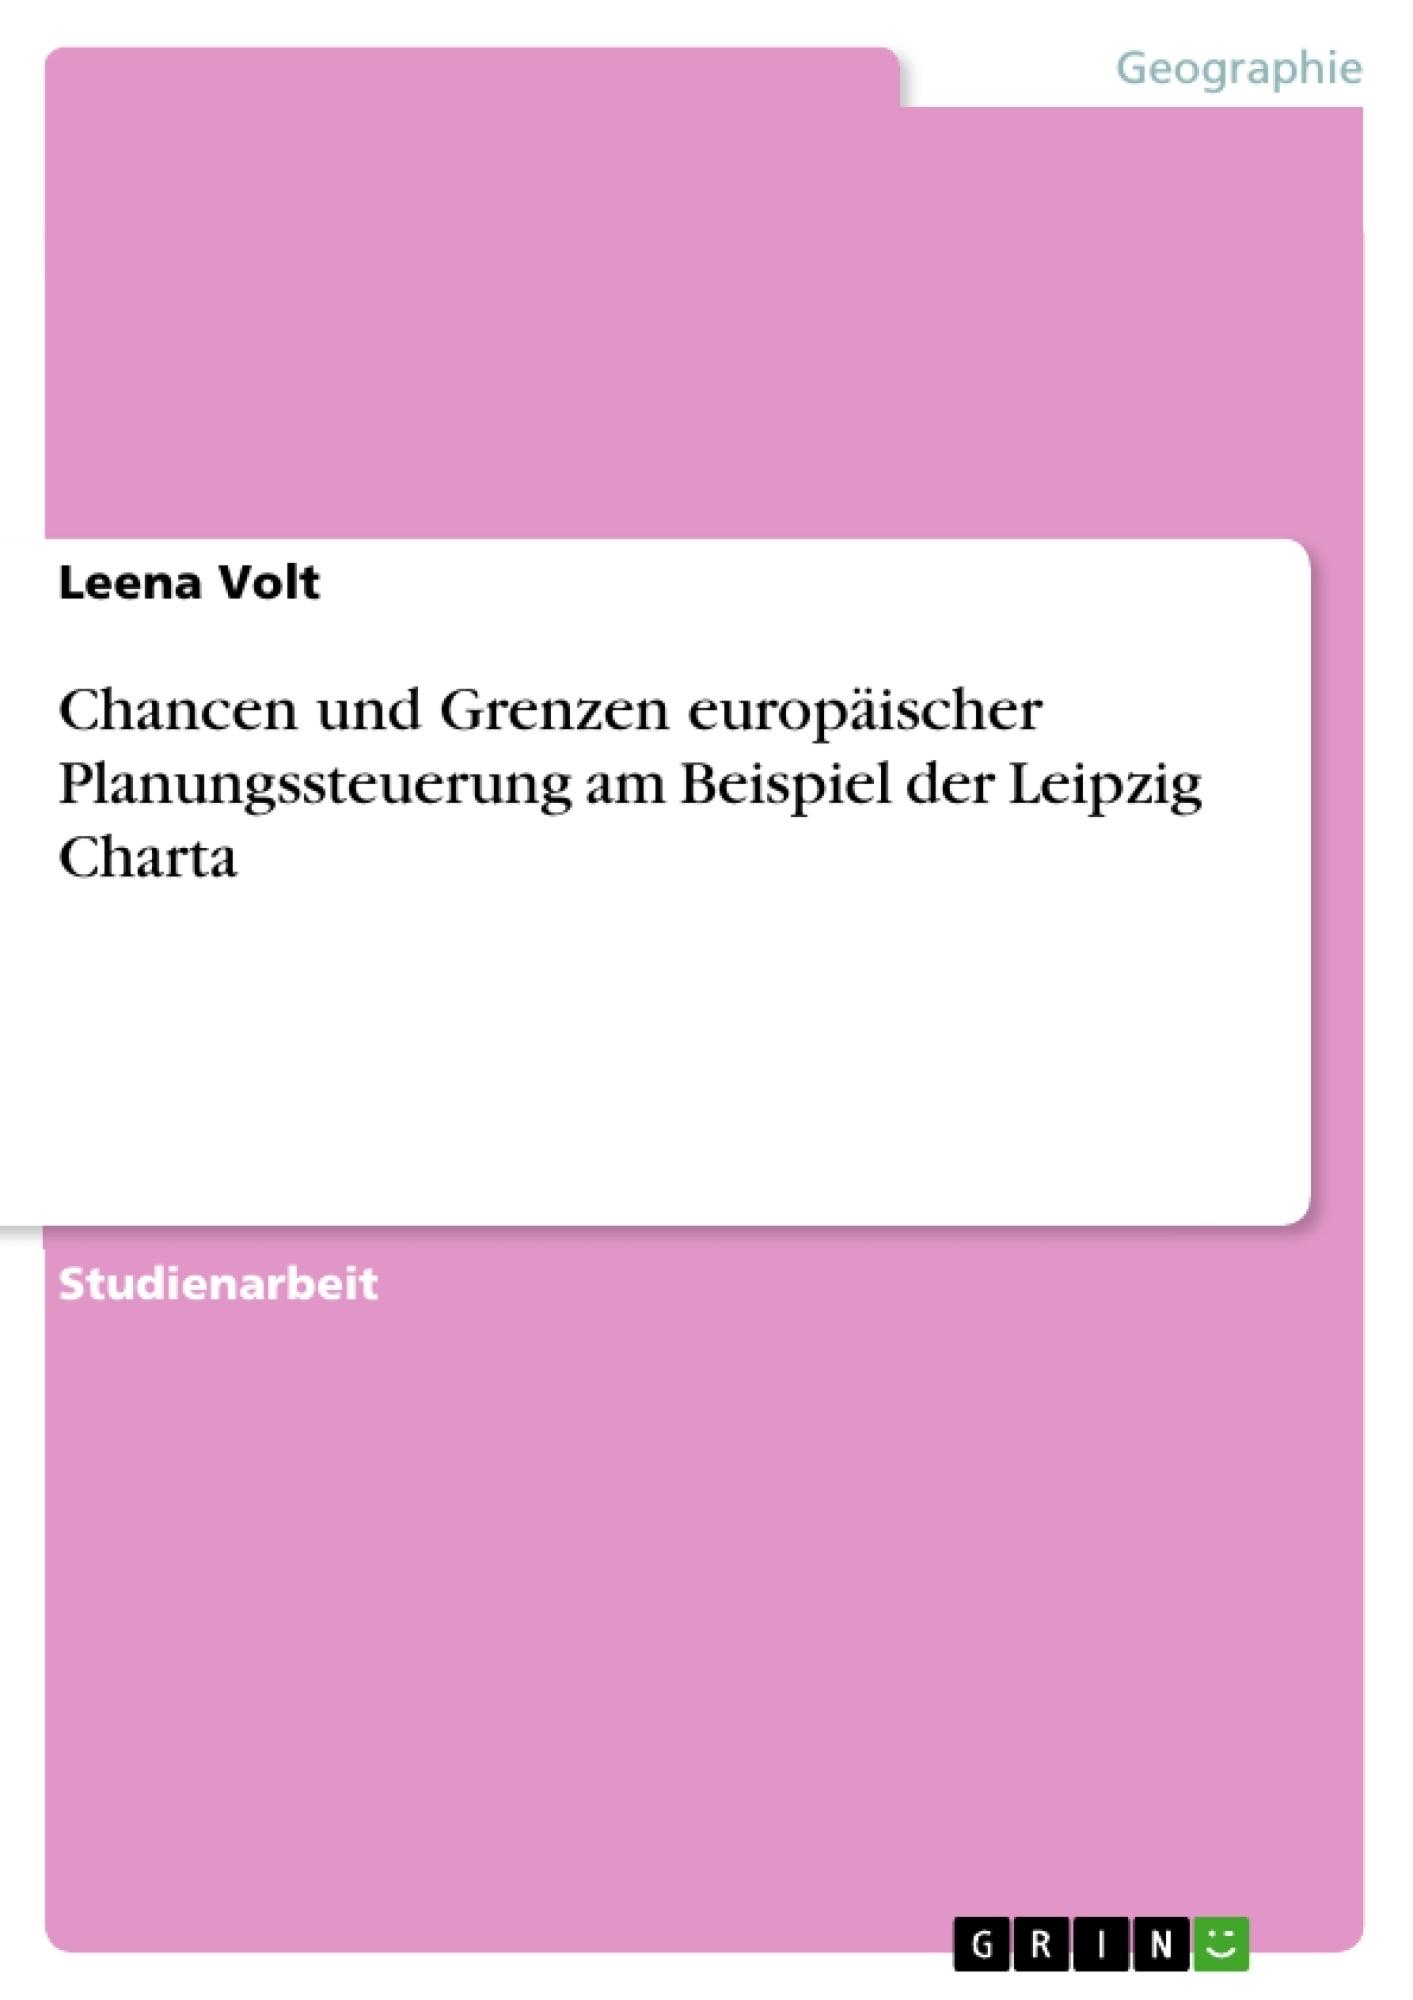 Titel: Chancen und Grenzen europäischer Planungssteuerung am Beispiel der Leipzig Charta